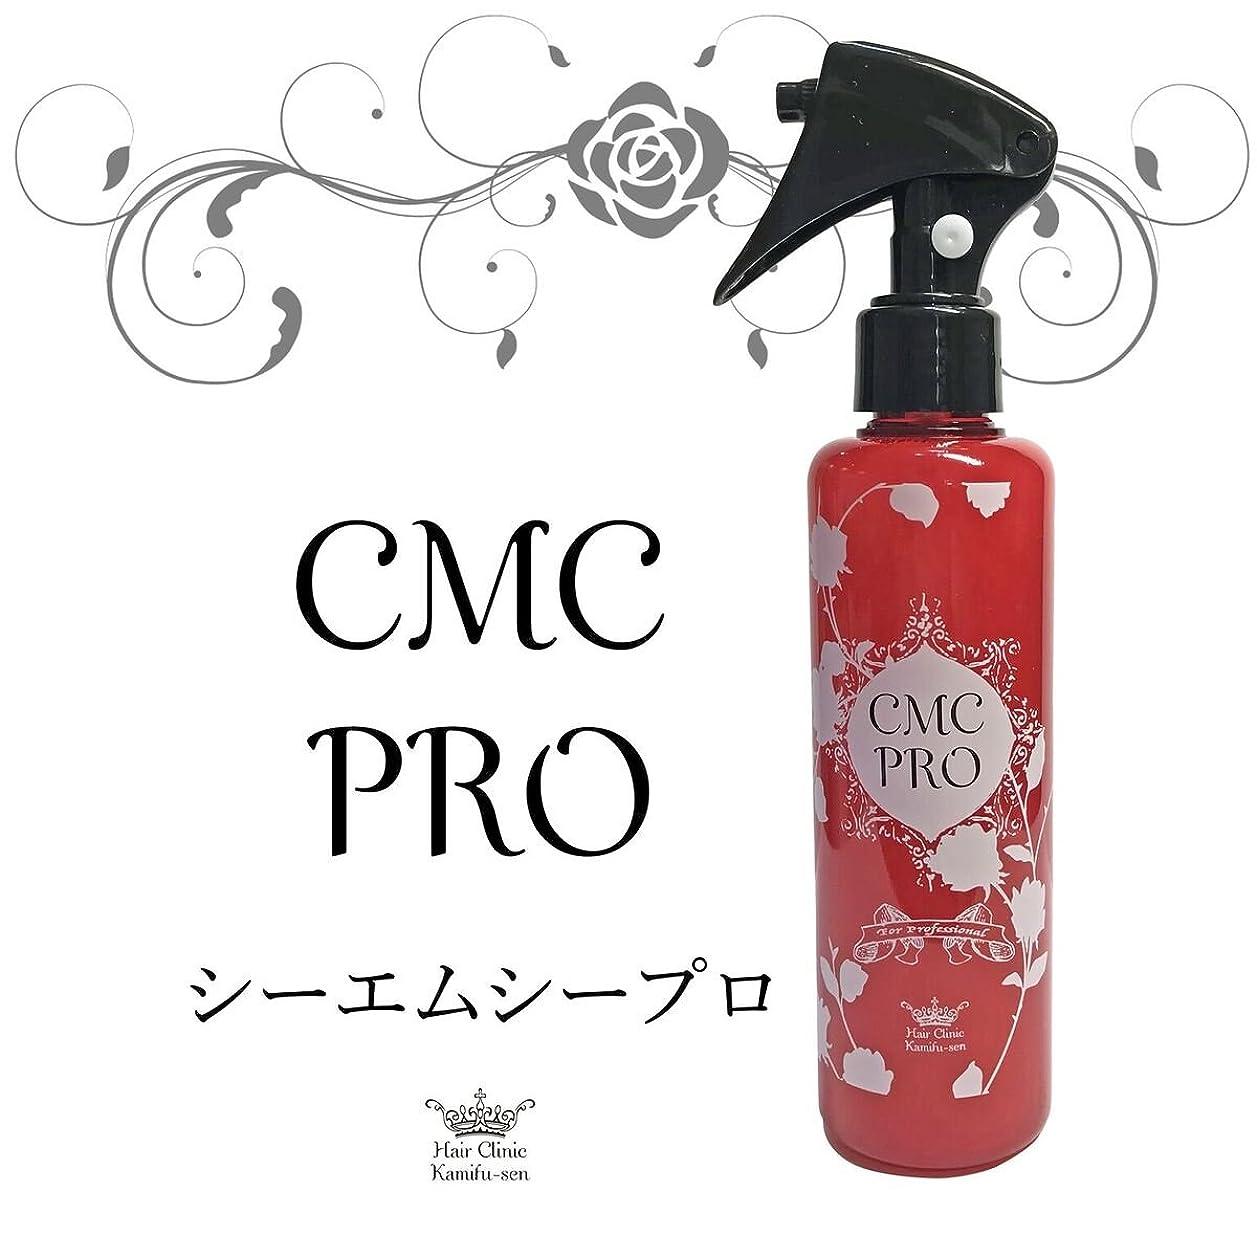 影響する酸仮定CMCプロ(200ml)(バサバサ髪もしっとり髪へ、ビビリ毛修正に最適)